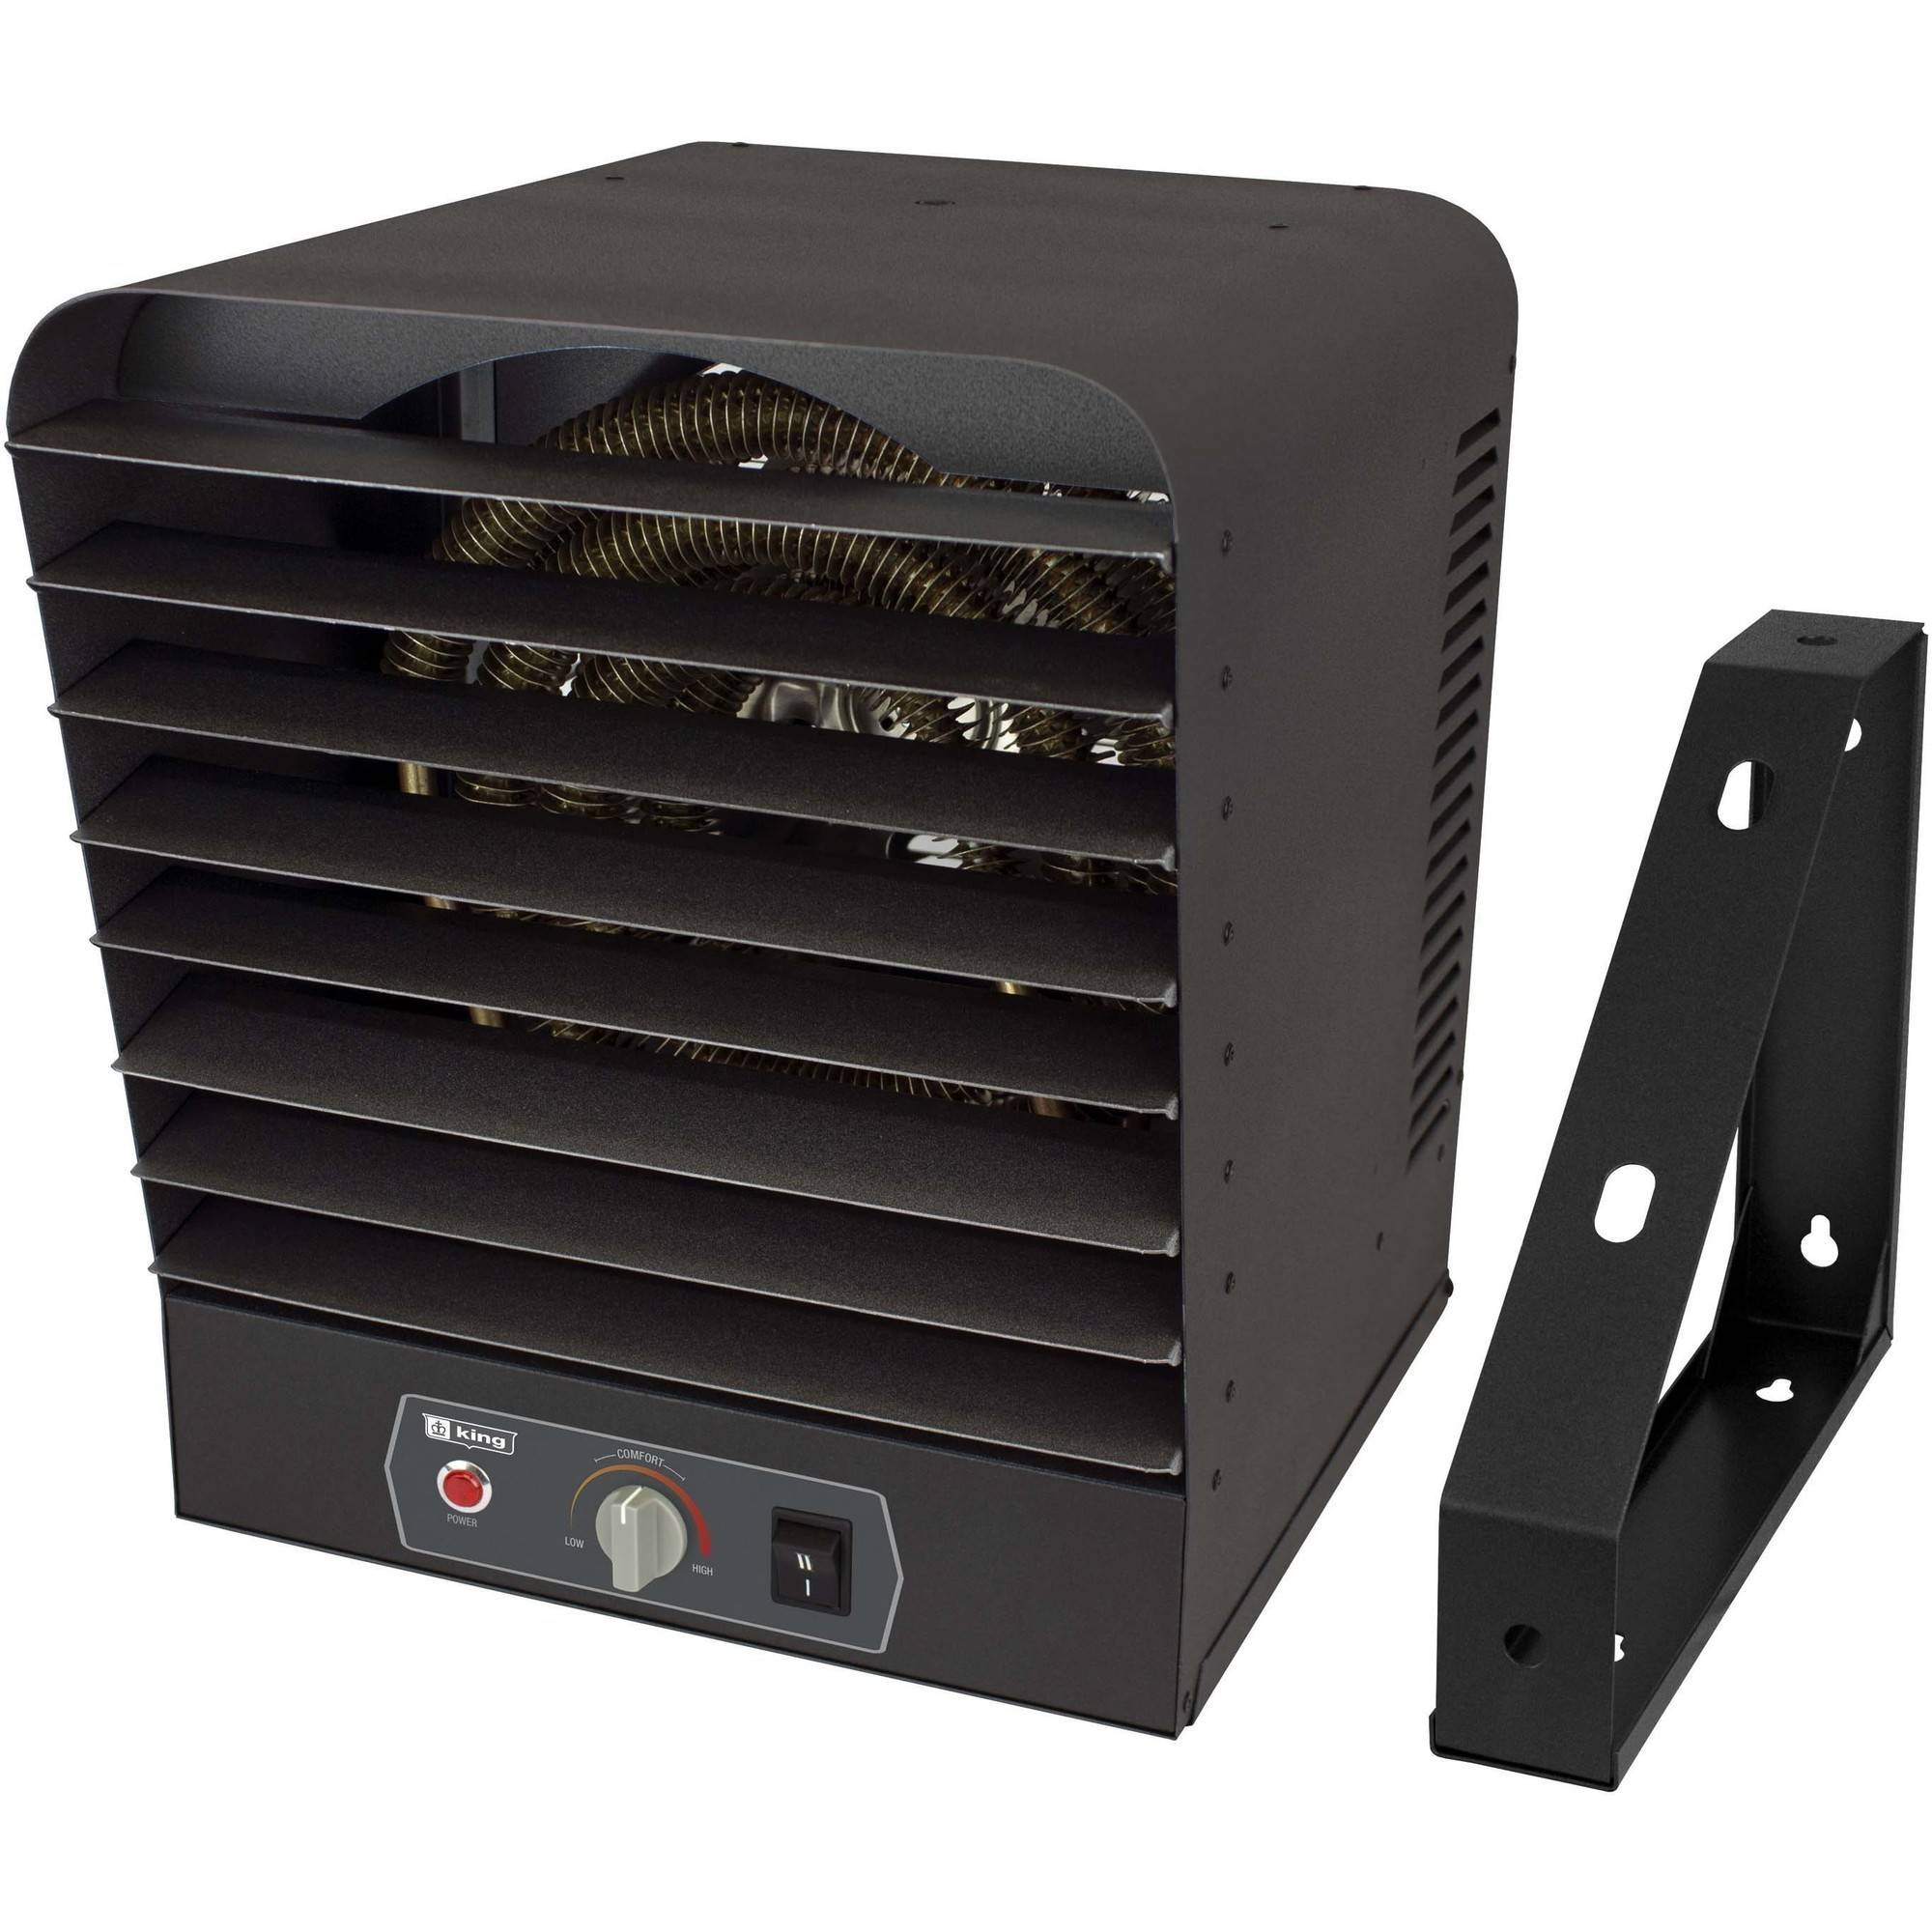 King GH2410TB 240 Volt 10000 Watt Garage Heater, Gray